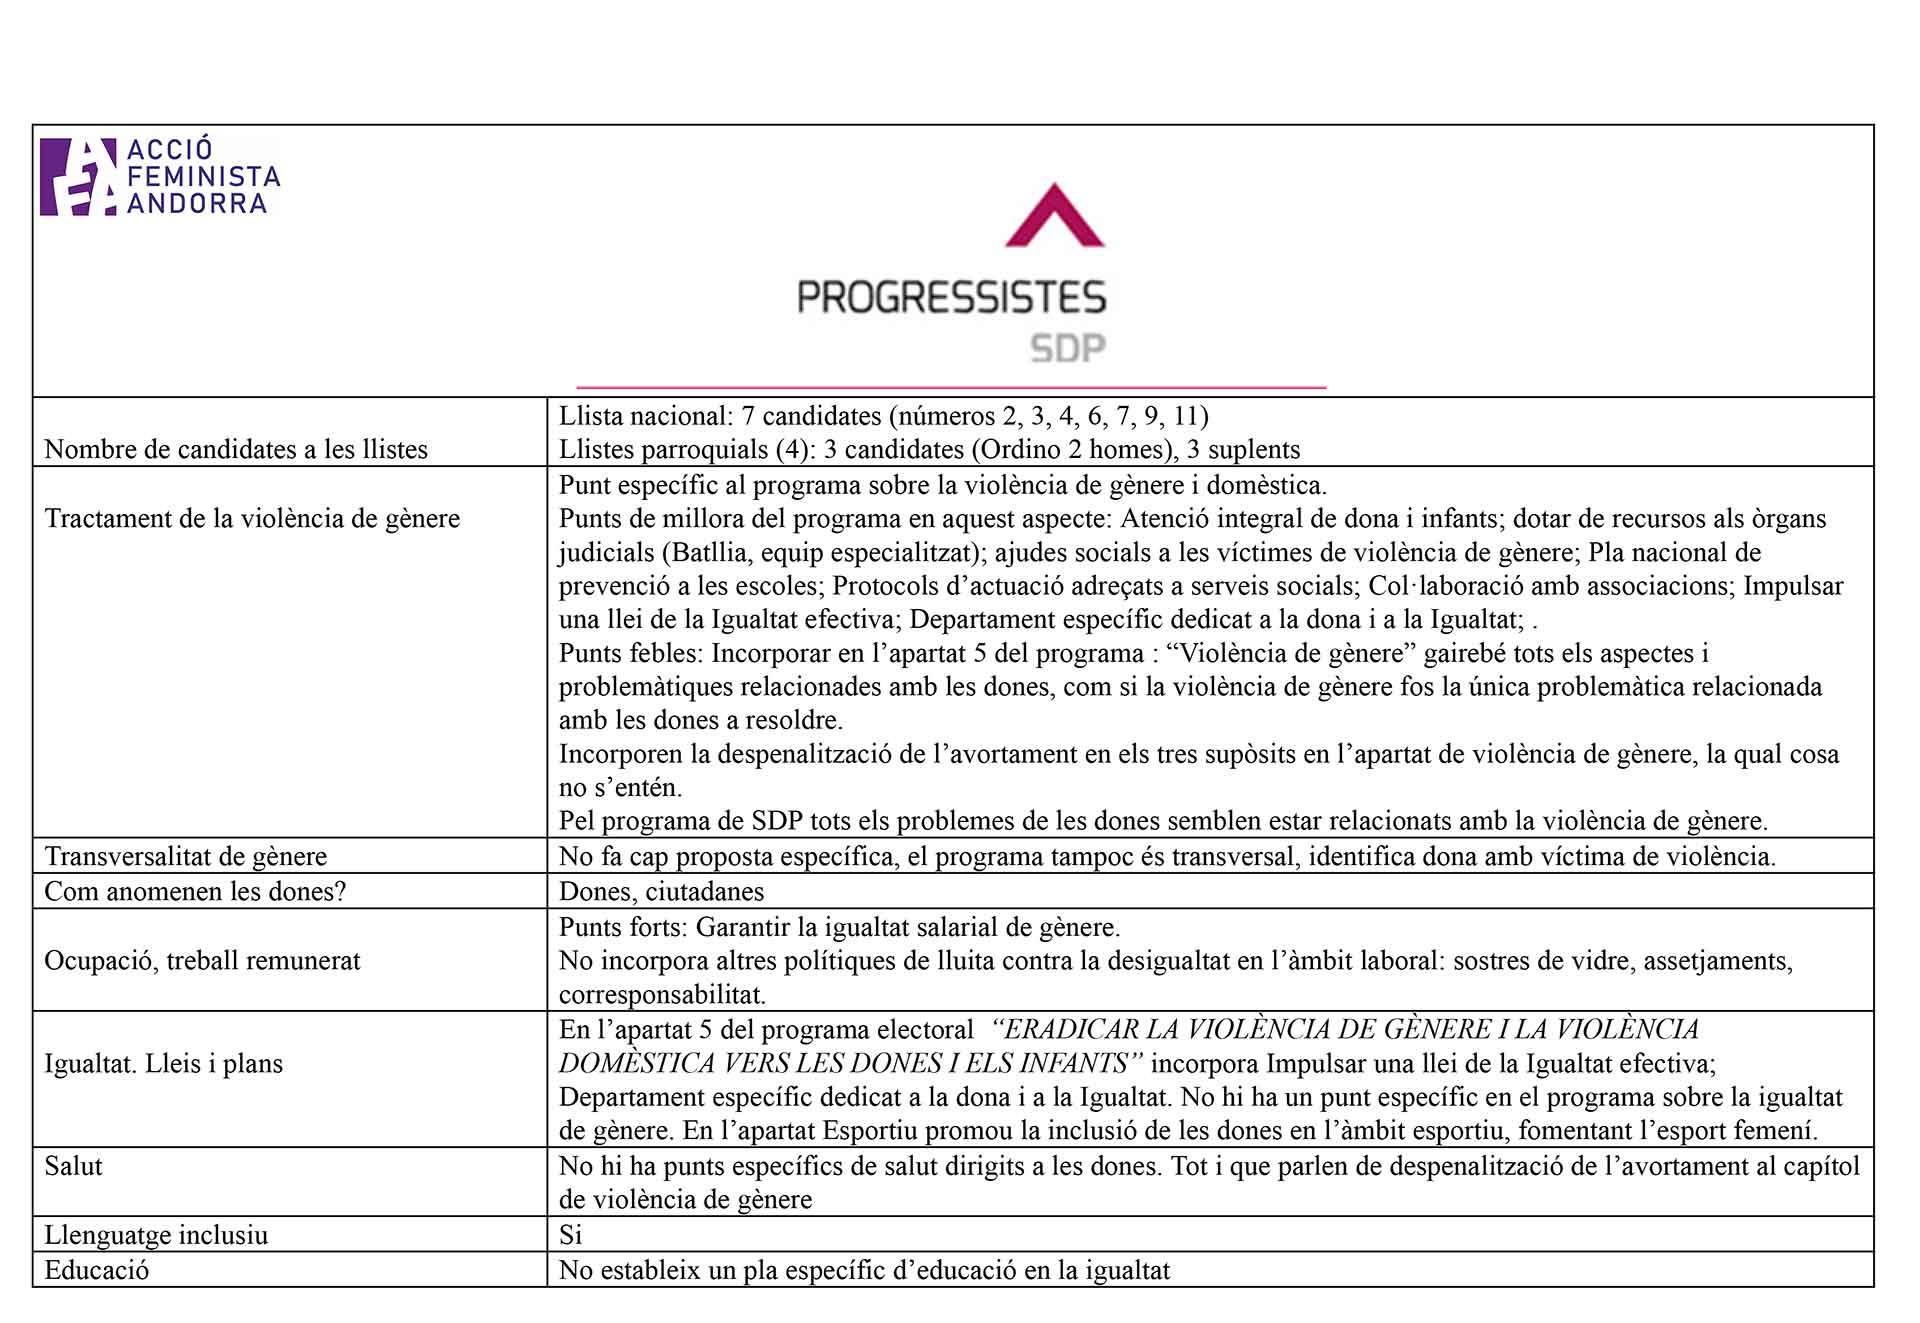 AFA_sdp_analisisgenere_eg19